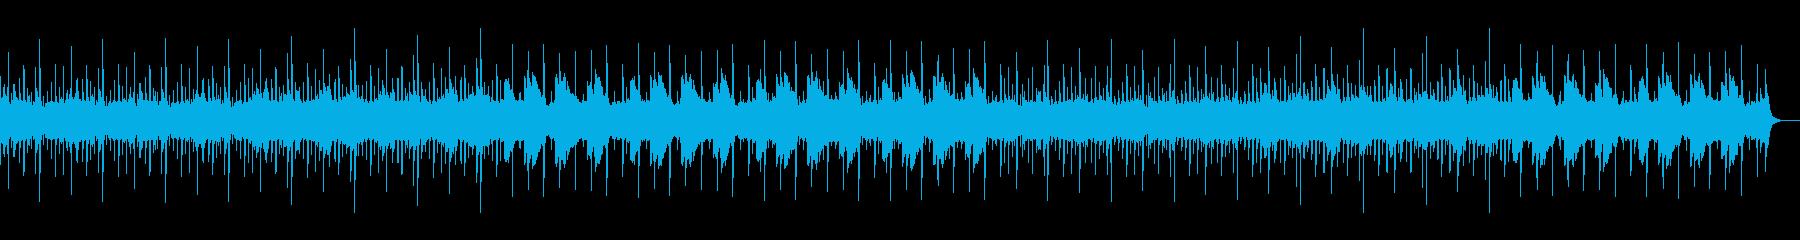 リラックス・神秘的チルアウトヒップホップの再生済みの波形